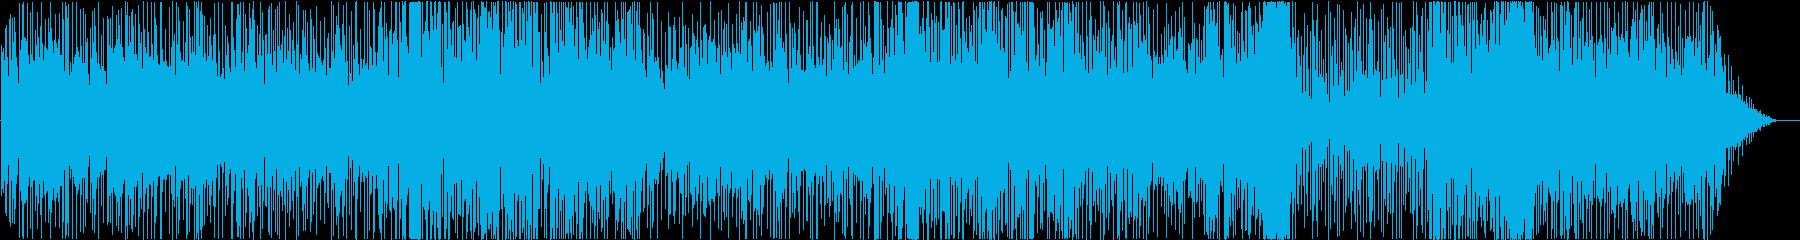 心が明るくなる軽快なリズムのポップスの再生済みの波形